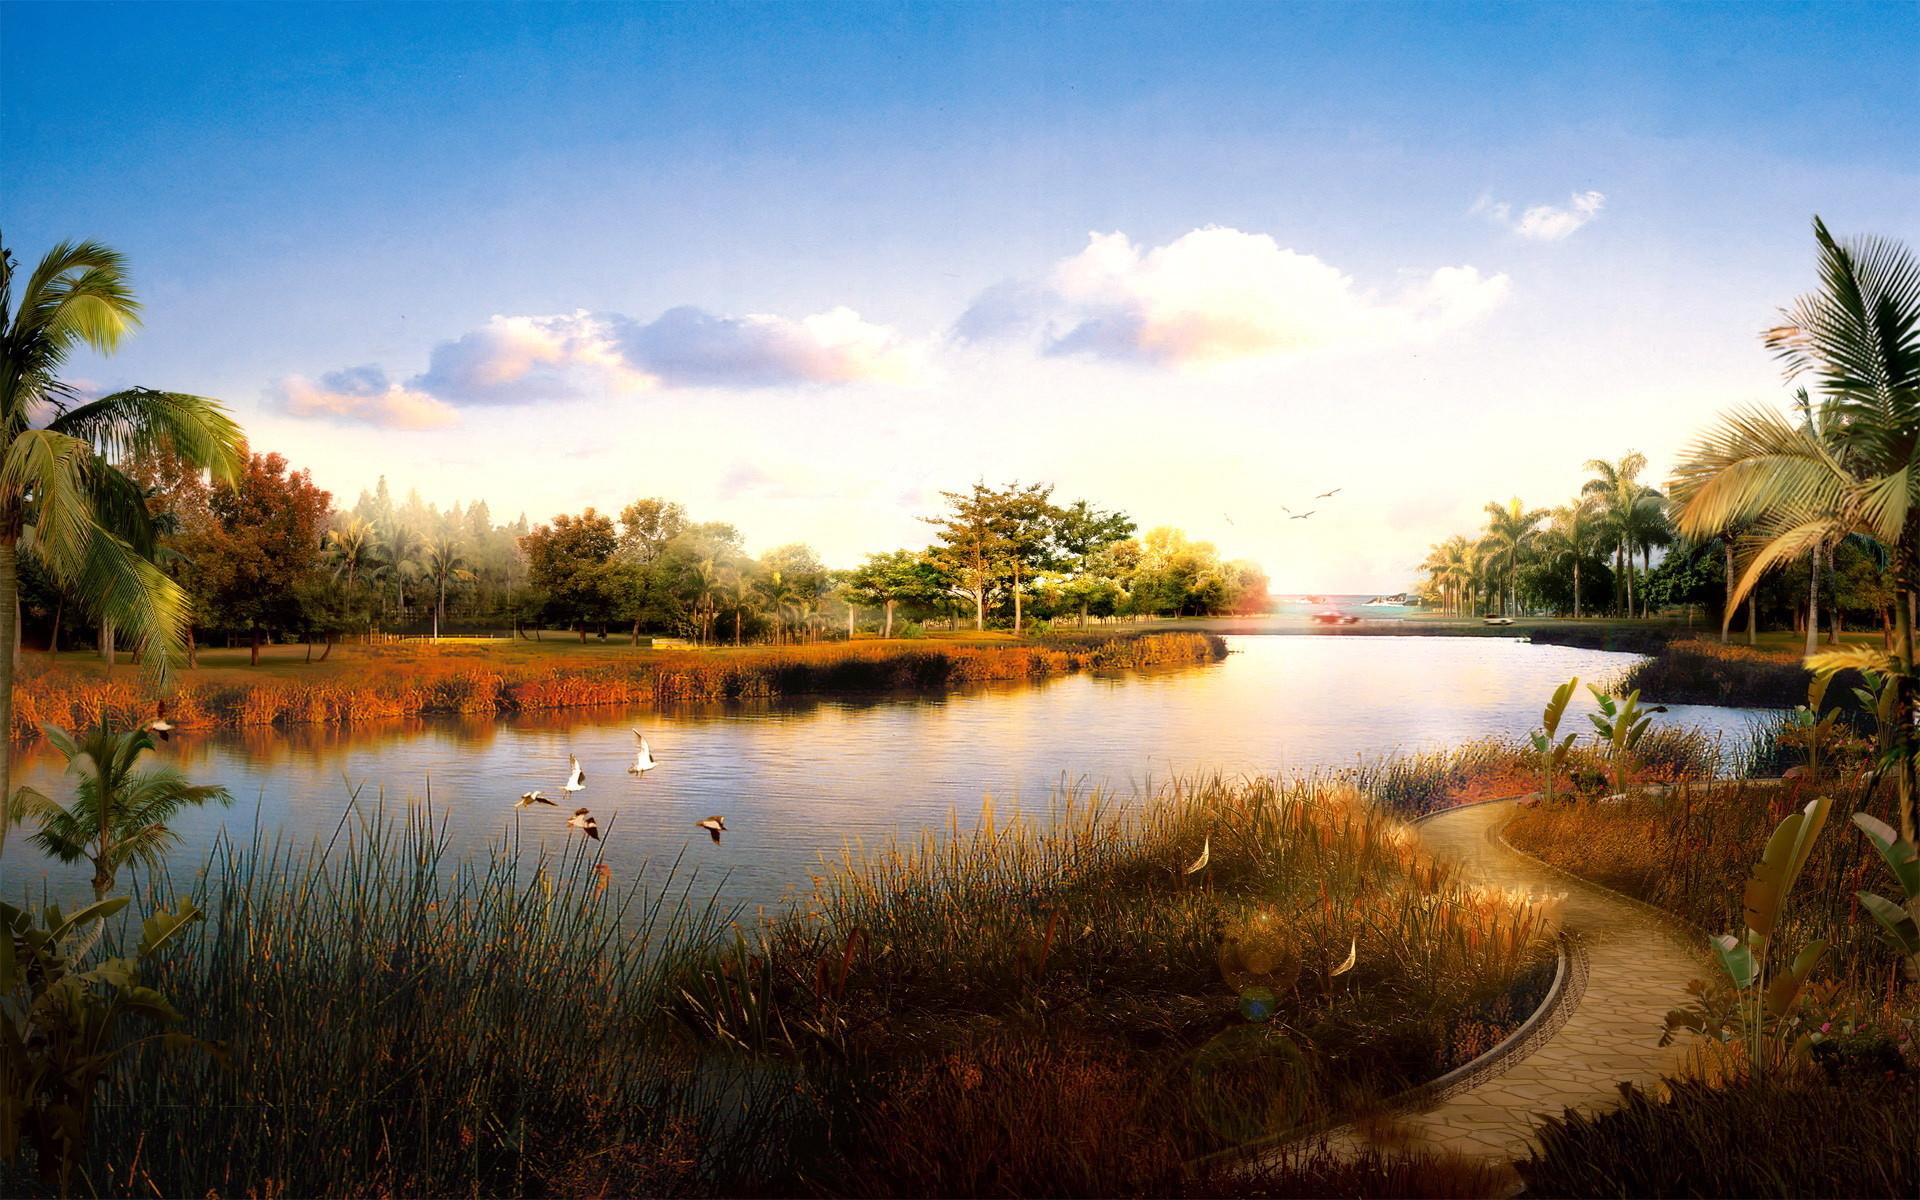 20764 скачать обои Пейзаж, Река, Пальмы - заставки и картинки бесплатно